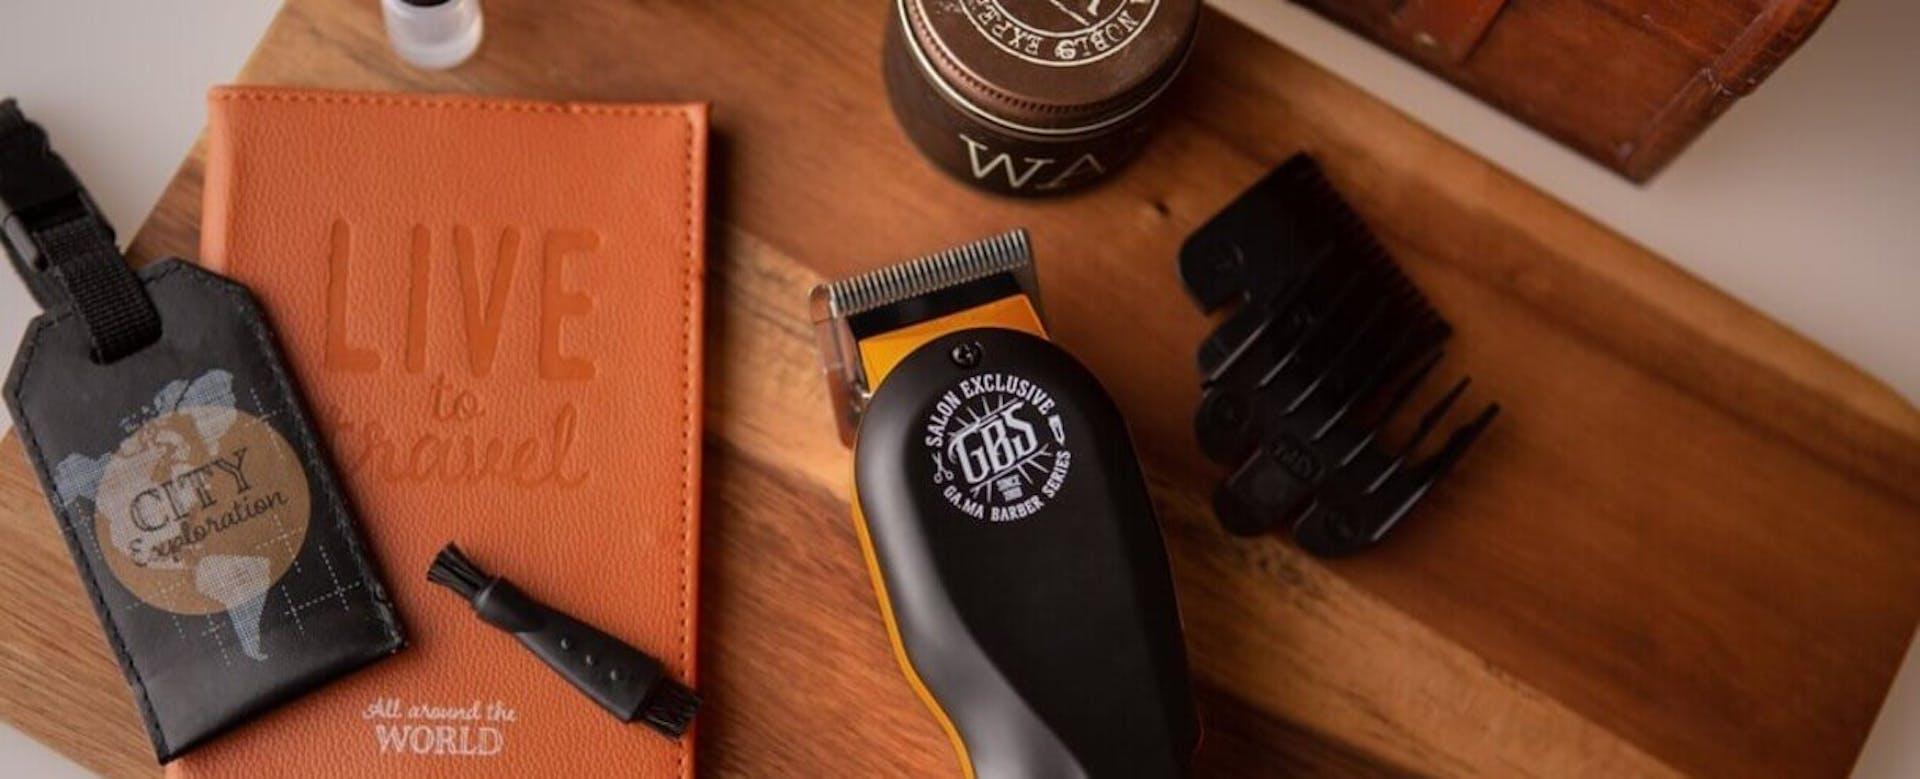 +5 herramientas de barbería que necesitas para empezar tu barber shop